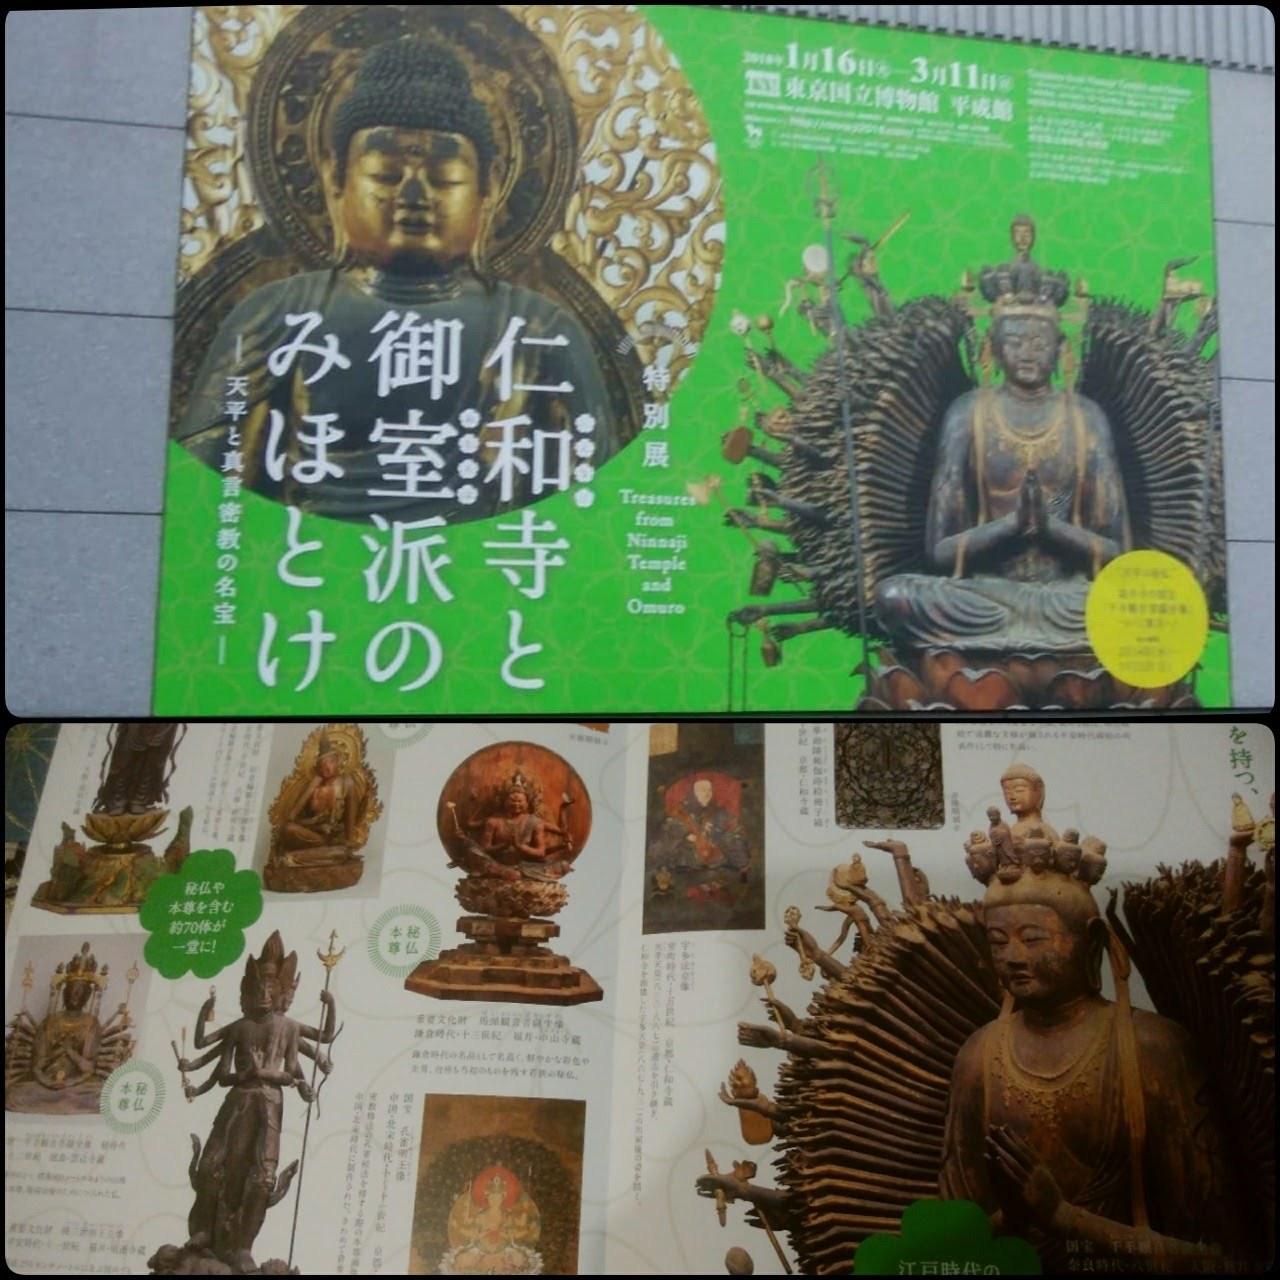 18-03-09-15-59-22-871_deco-1280x1280.jpg